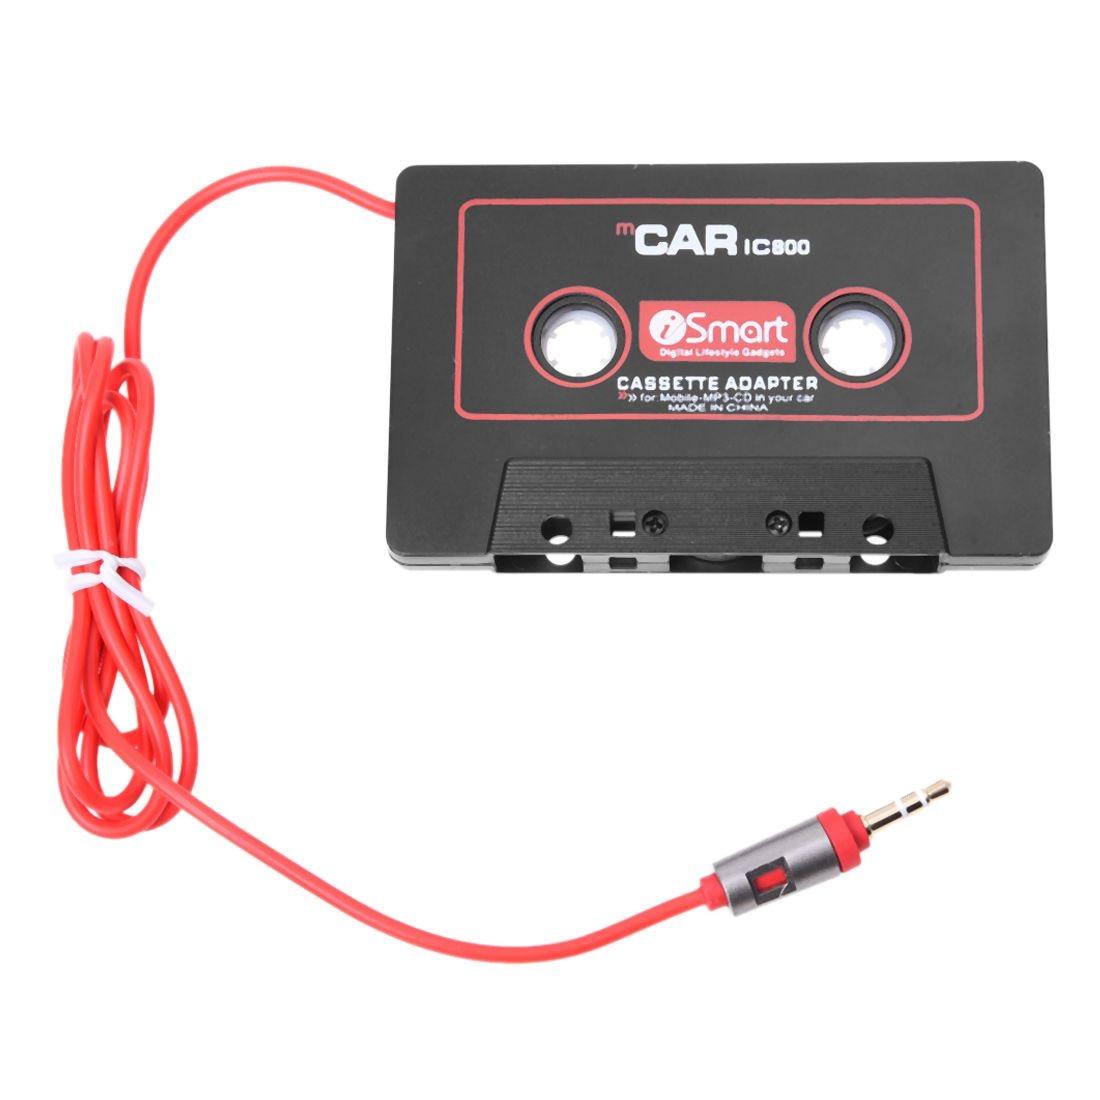 Tragbares Audio & Video Auto Audio Systeme Auto Stereo Kassette Adapter Für Handy Mp3 Aux Cd-player 3,5mm Jack Für Auto Lkw Van farbe: Bla Mit Dem Besten Service